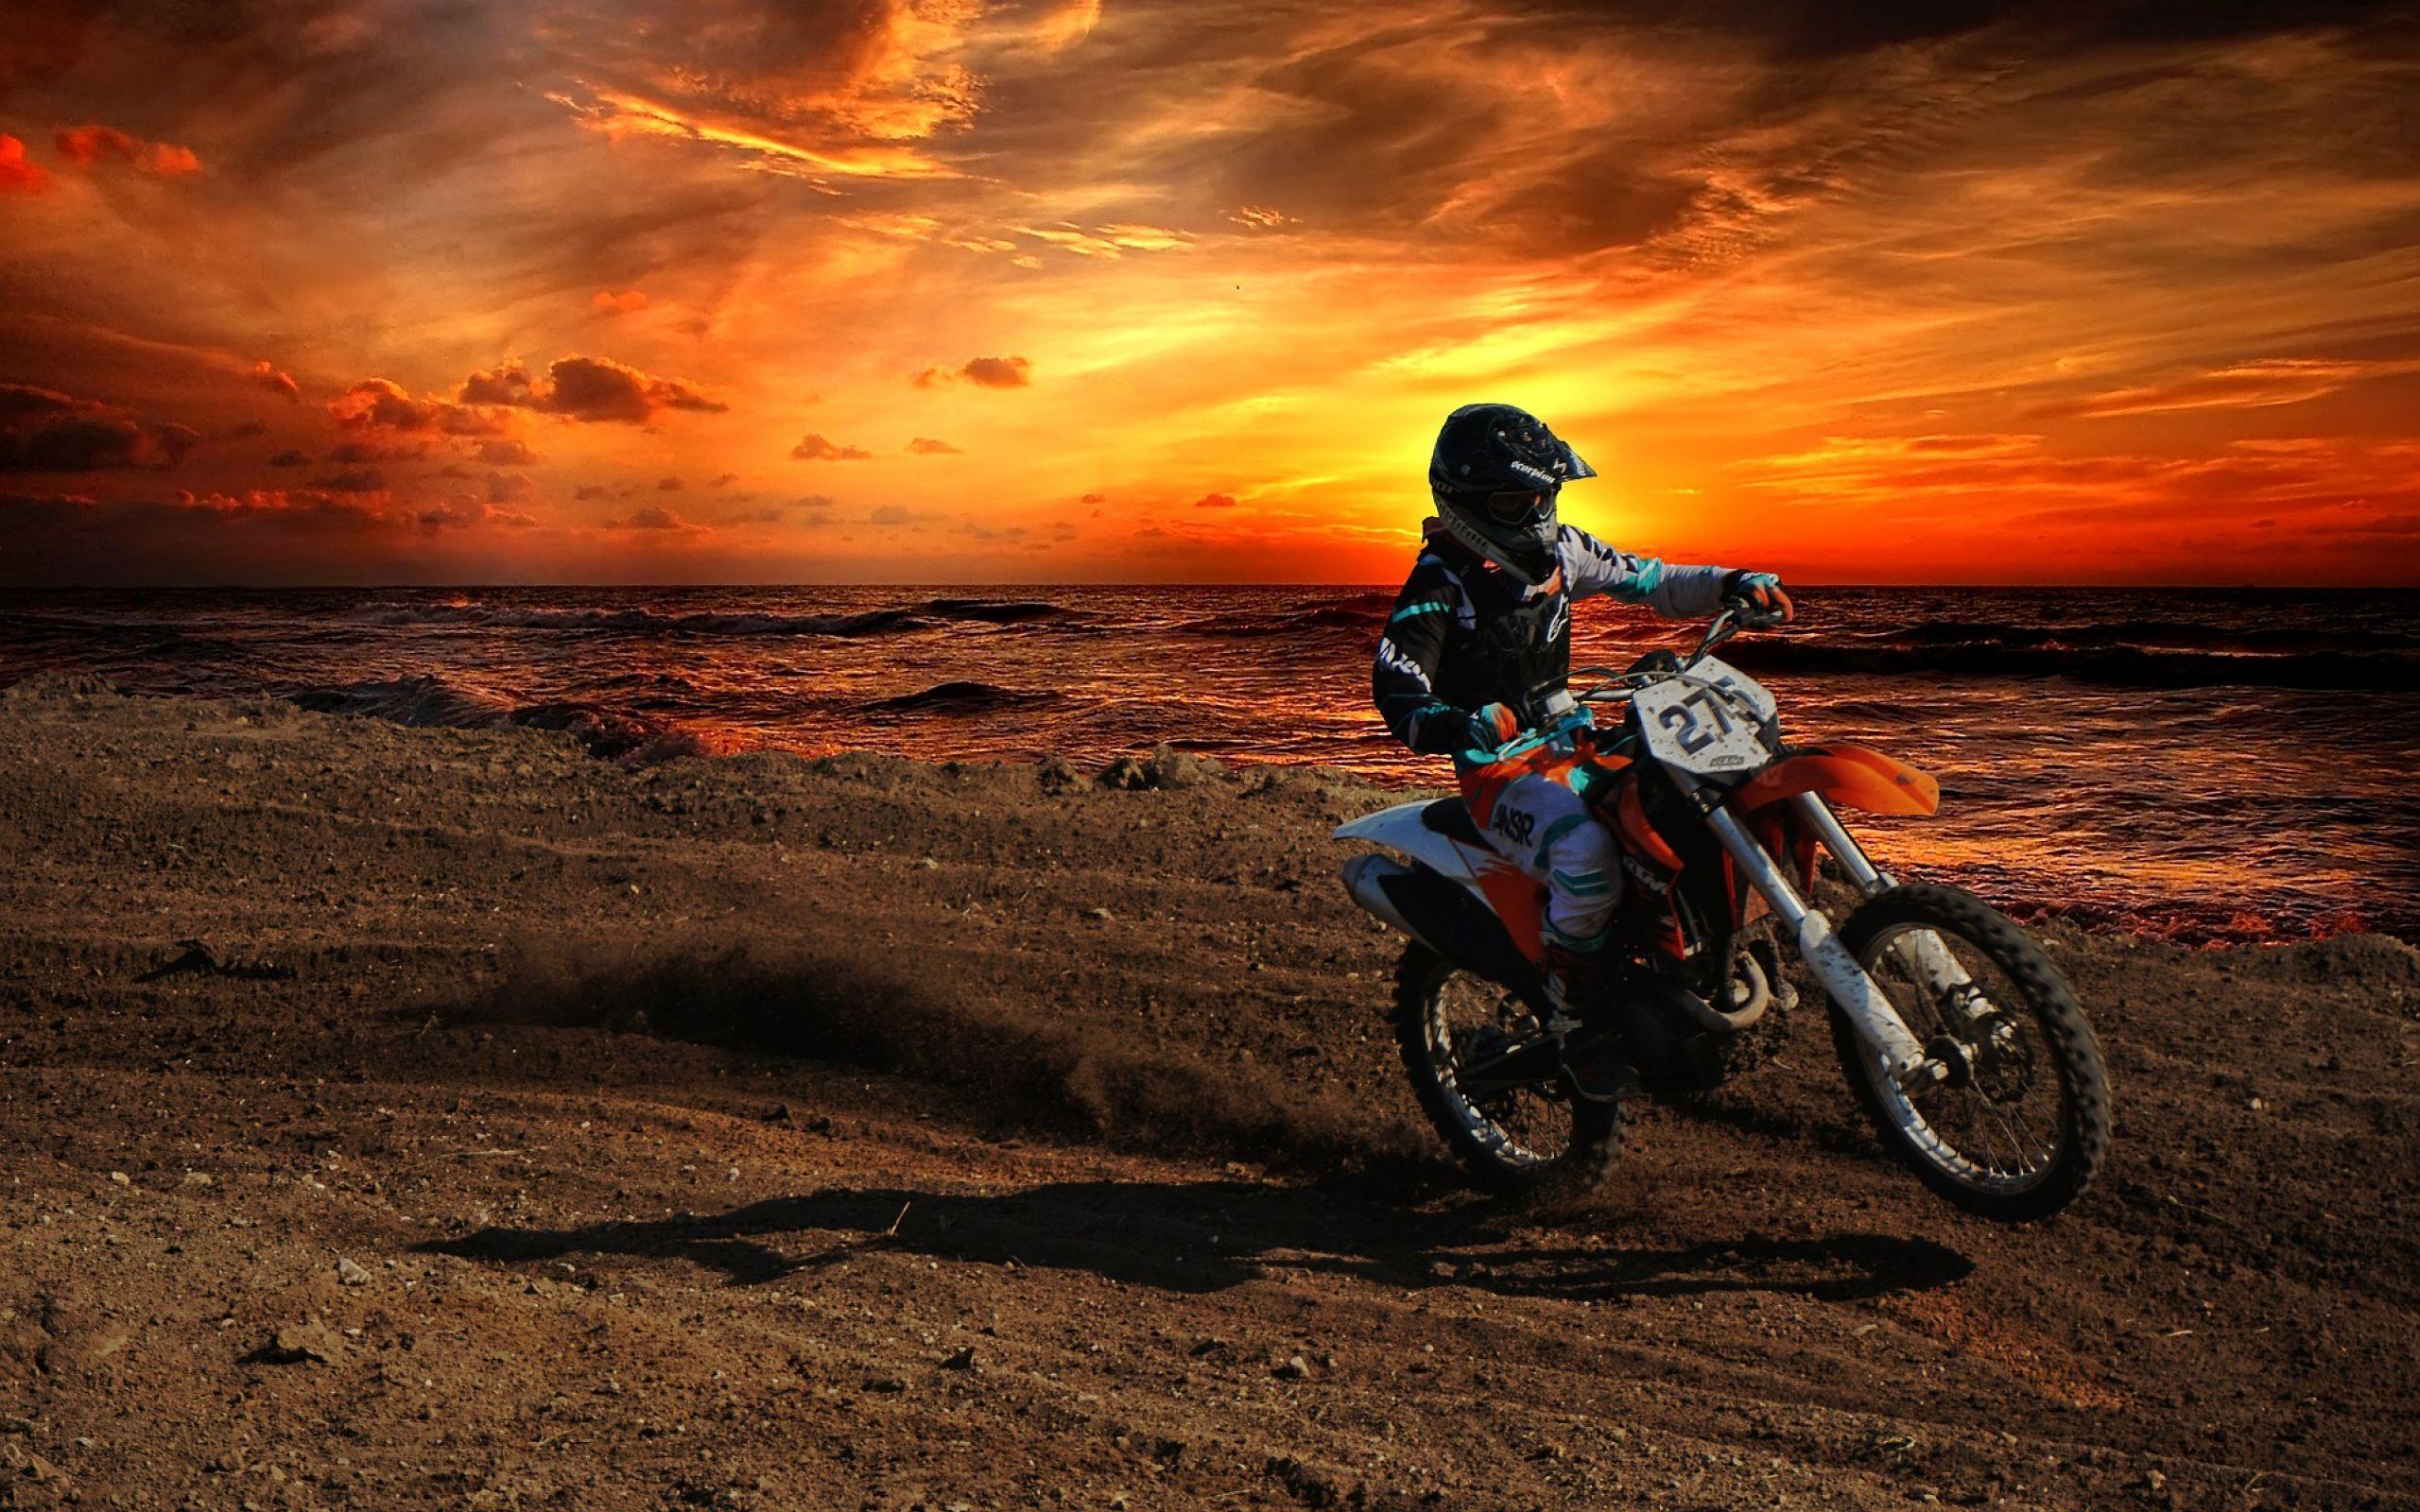 этаж картинки мотоциклистов и закат запросу кейс